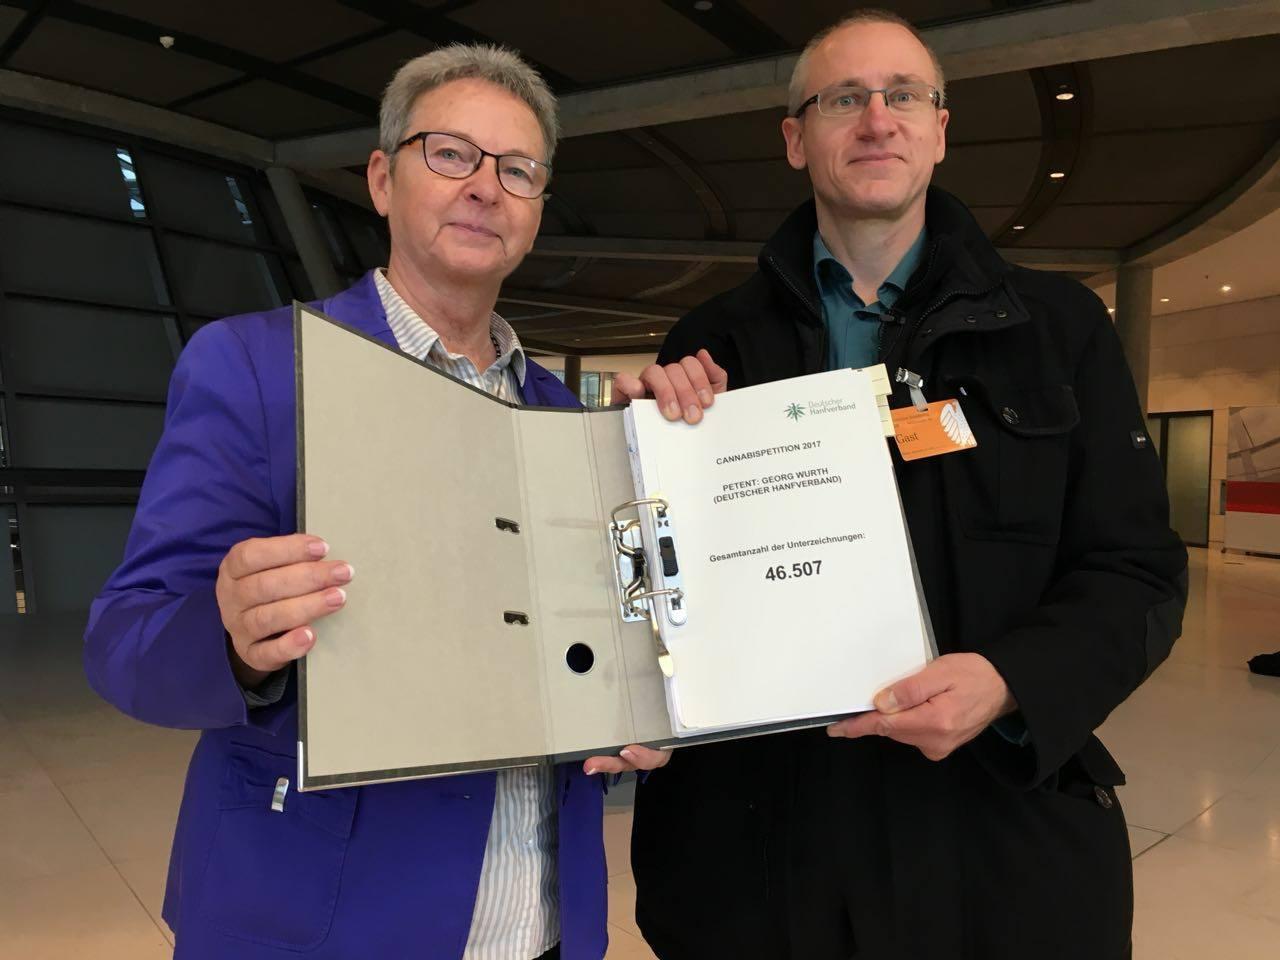 Die Abbildung zeigt Kersten Steinke, Mitglied des Petitionsausschusses des Deutschen Bundestages, und Georg Wurth, Geschäftsführer des Deutschen Hanfverbandes, bei der Übergabe der Unterschriften im Deutschen Bundestag am 21. November 2017. Bild: DHV.